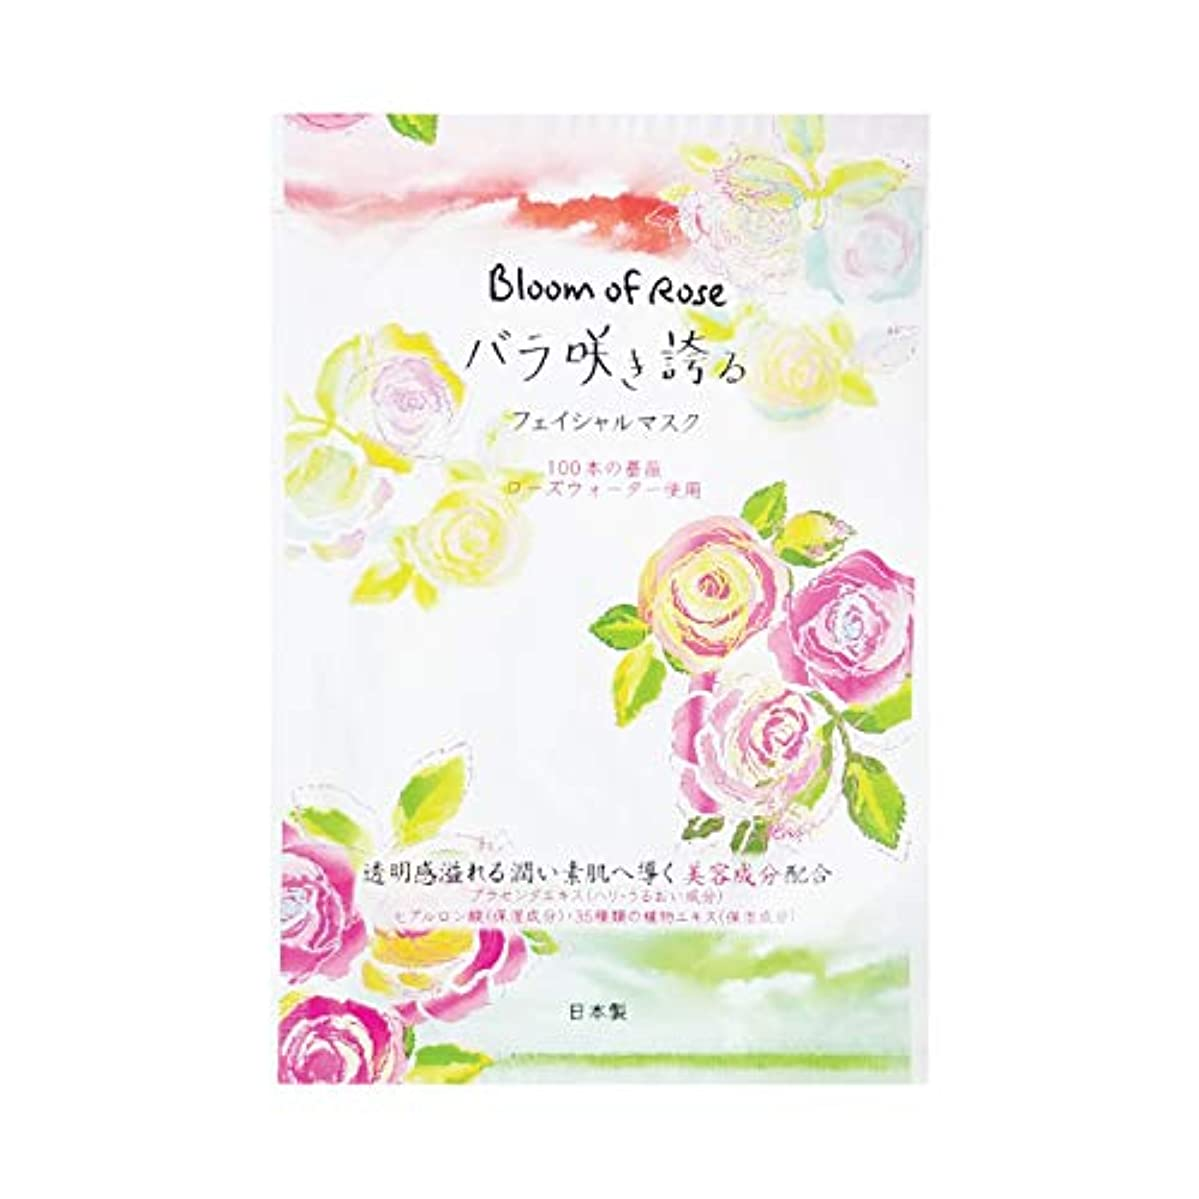 法令盗賊代理人Bloom of Rose バラ咲き誇るフェイシャルマスク 30枚